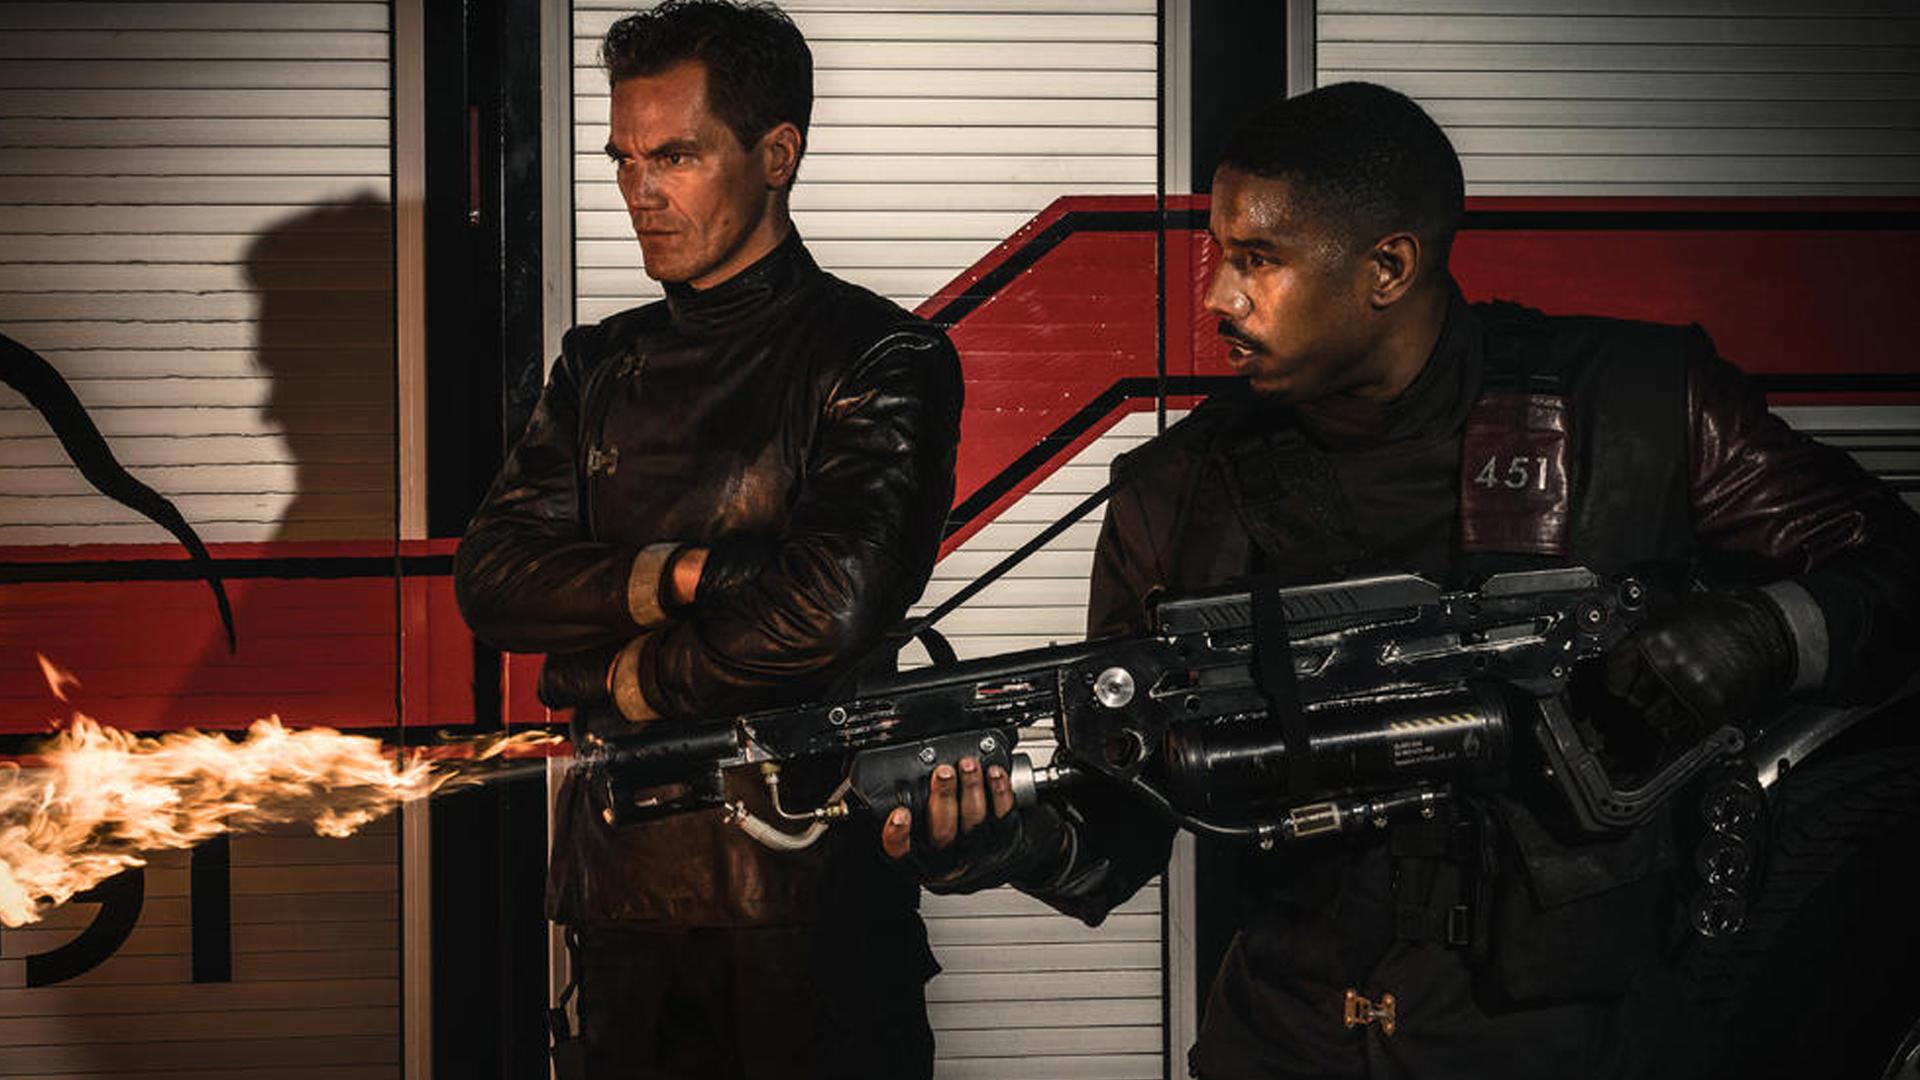 #电影最前线#科幻小说大师布莱伯利作品被搬上荧幕,《华氏451度》首曝预告